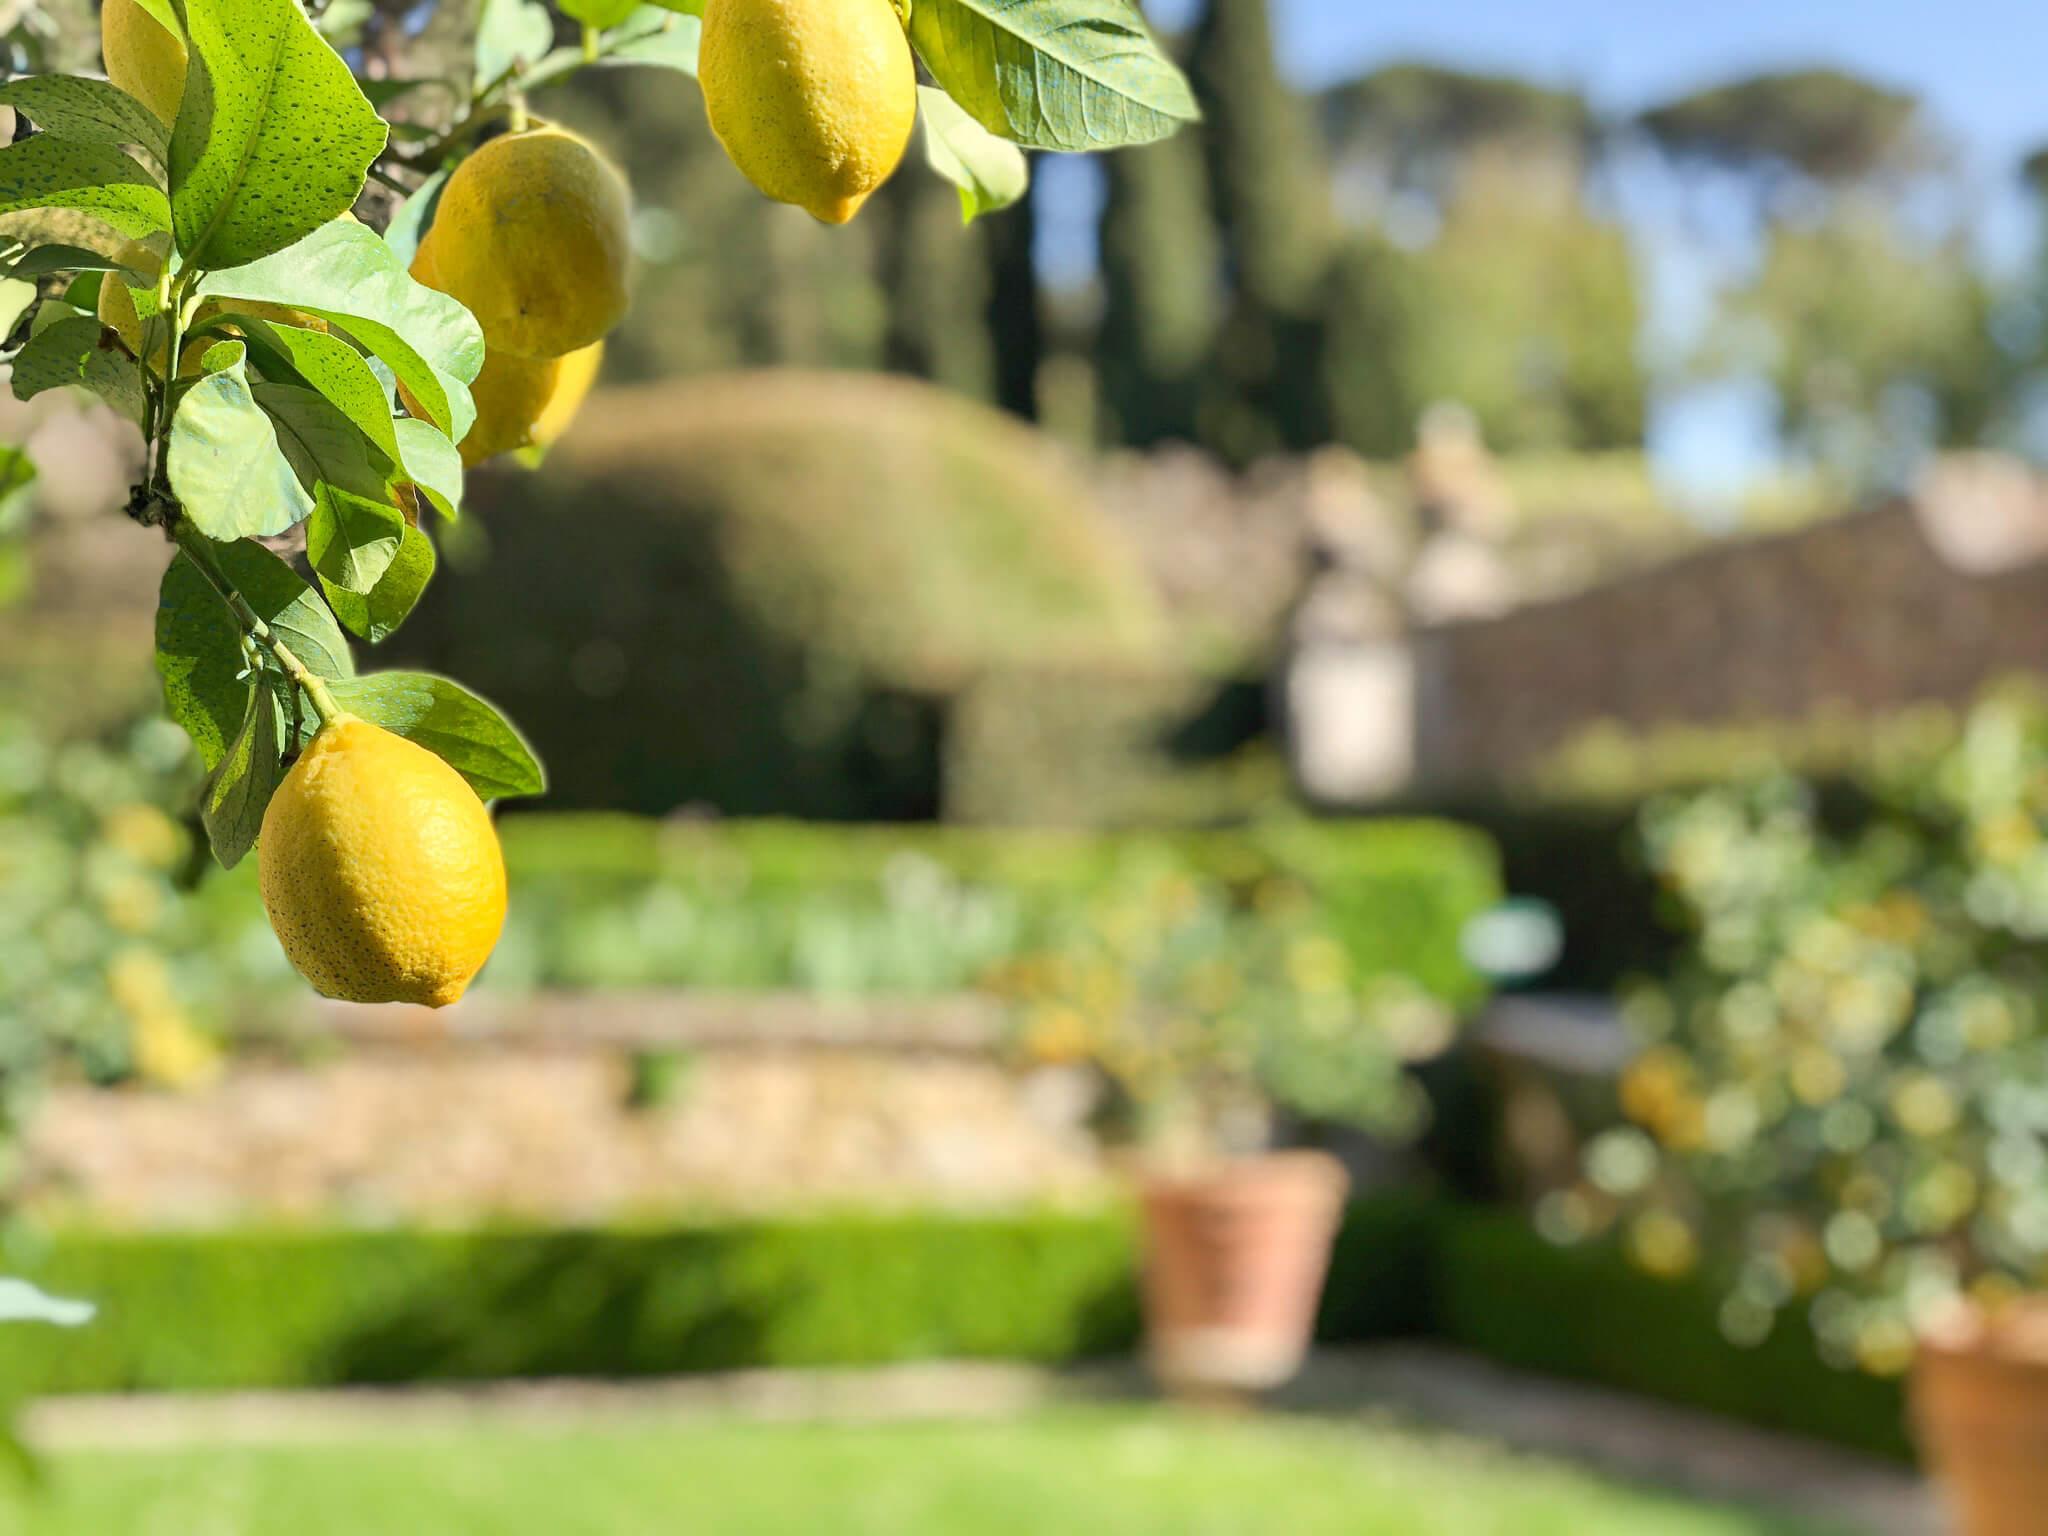 lemon trees at La Foce